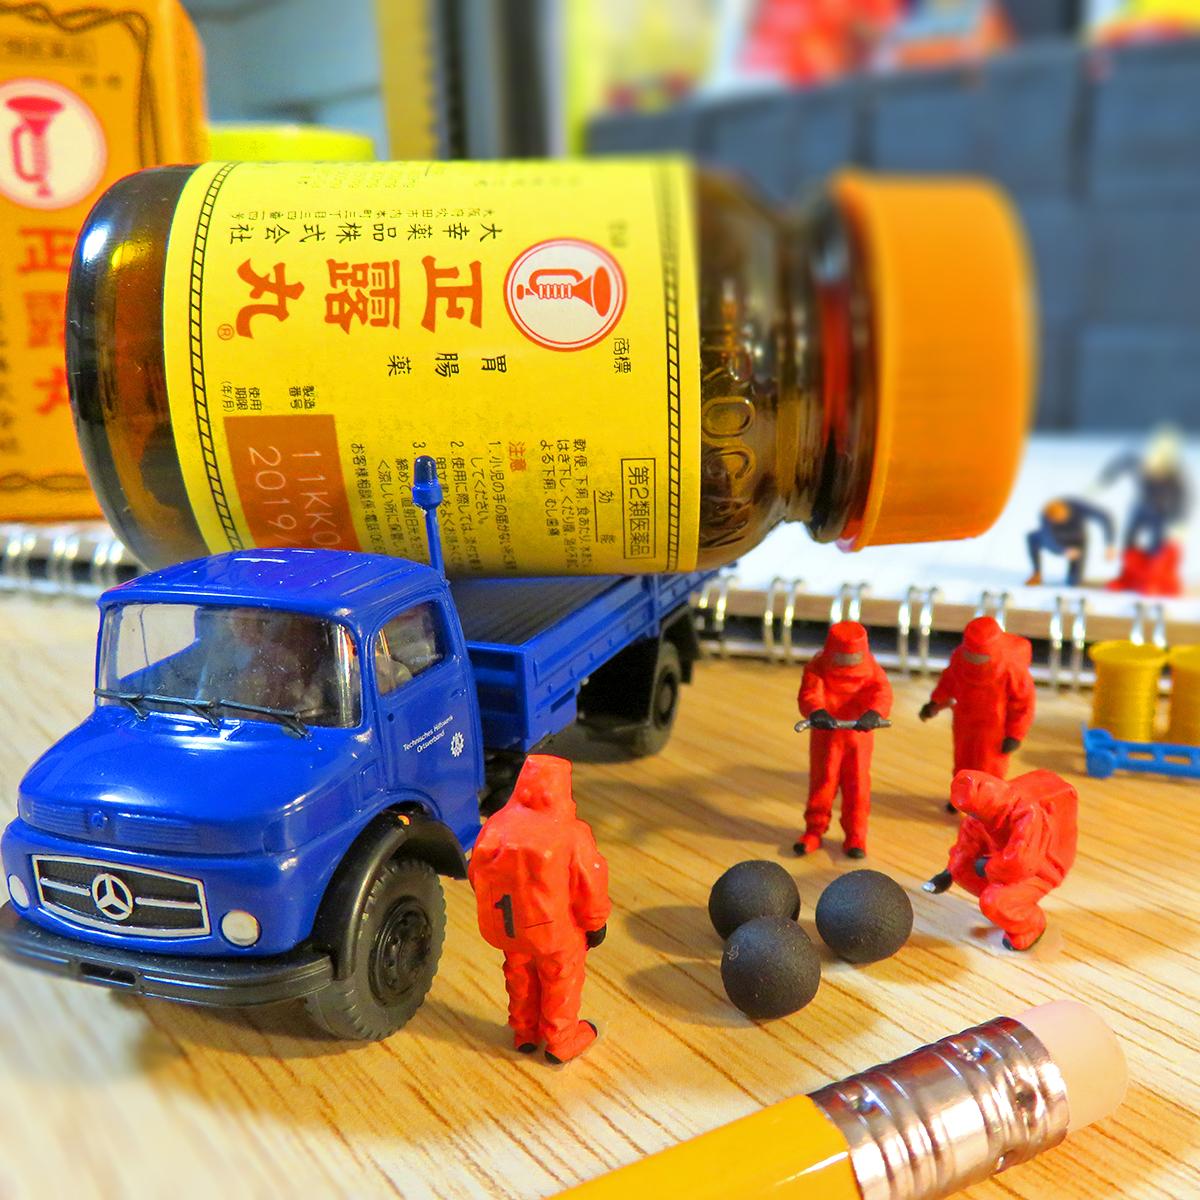 爆弾の弾に見える正露丸を回収する特殊作業員たち